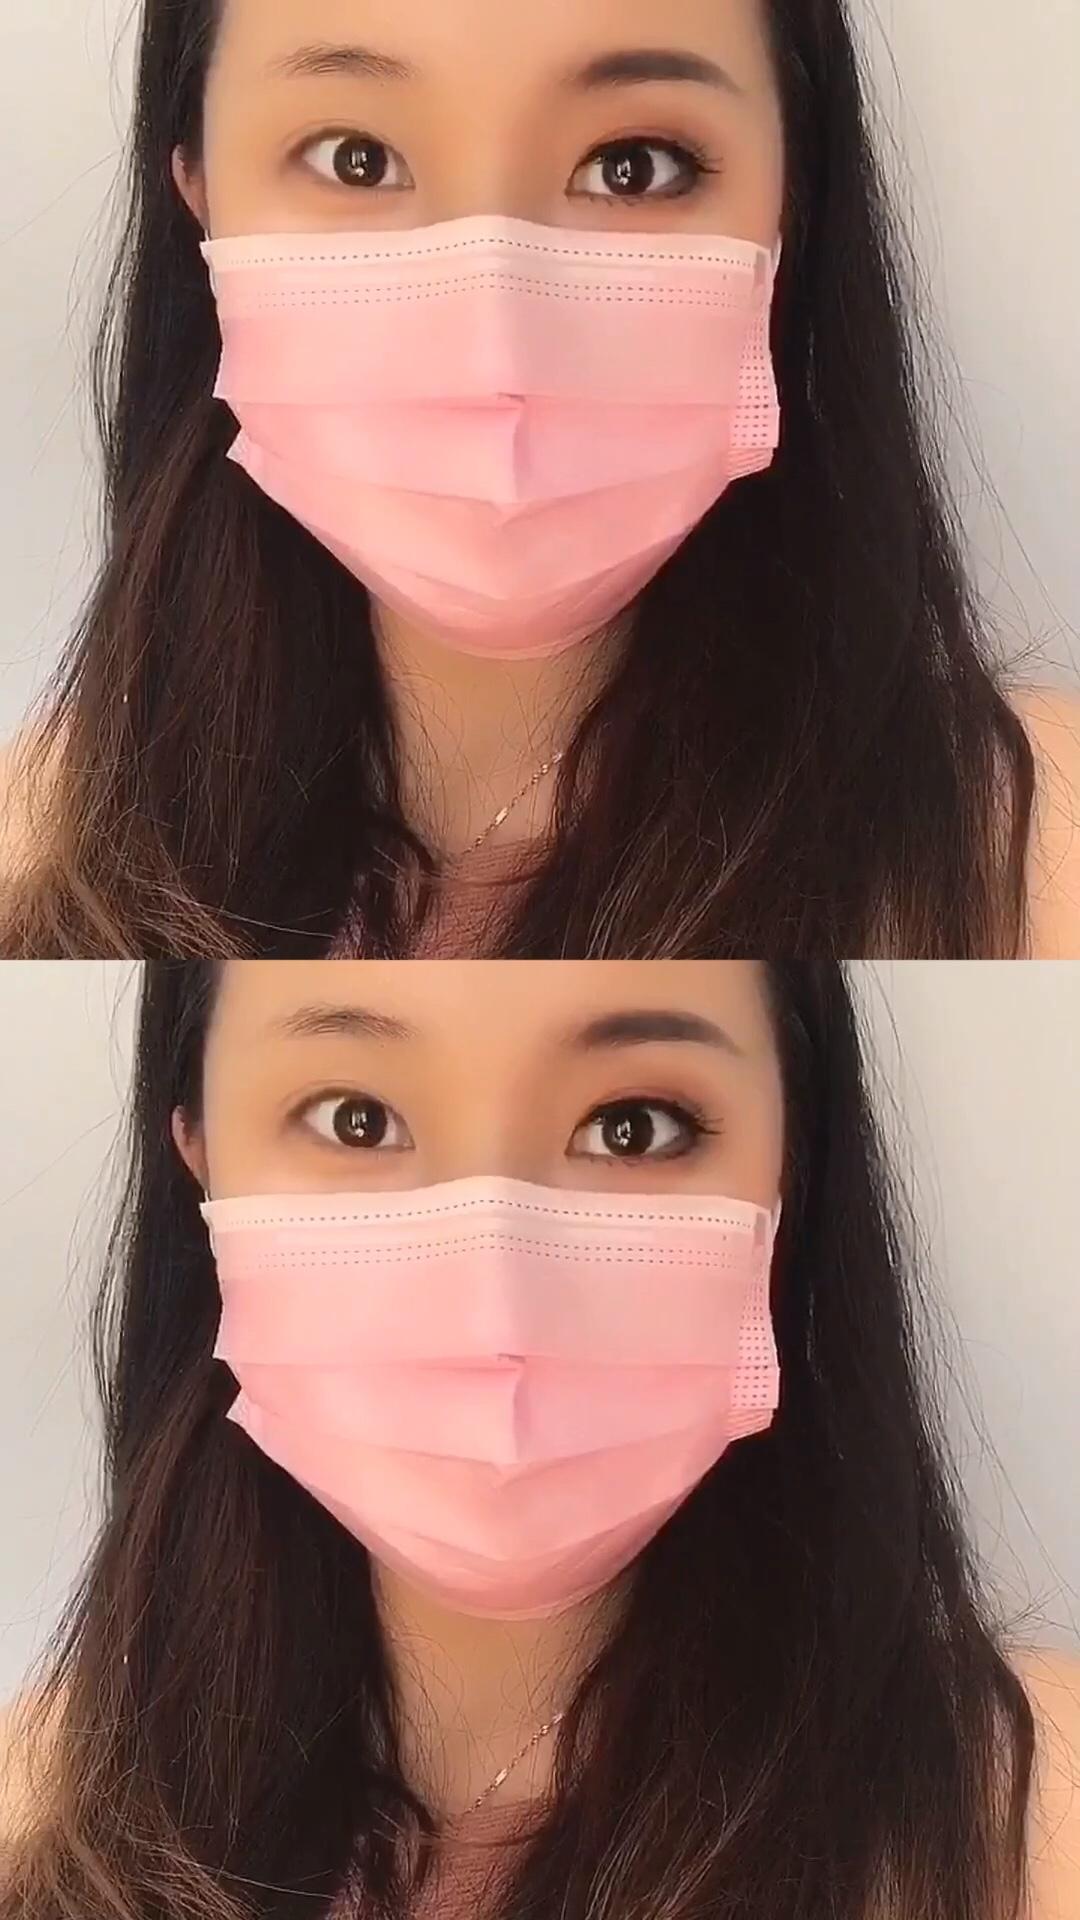 无美颜 无滤镜 戴口罩也能做最靓的仔! 跟着舒舒直播间学化妆吧! #精致眼妆是对口罩的尊重#